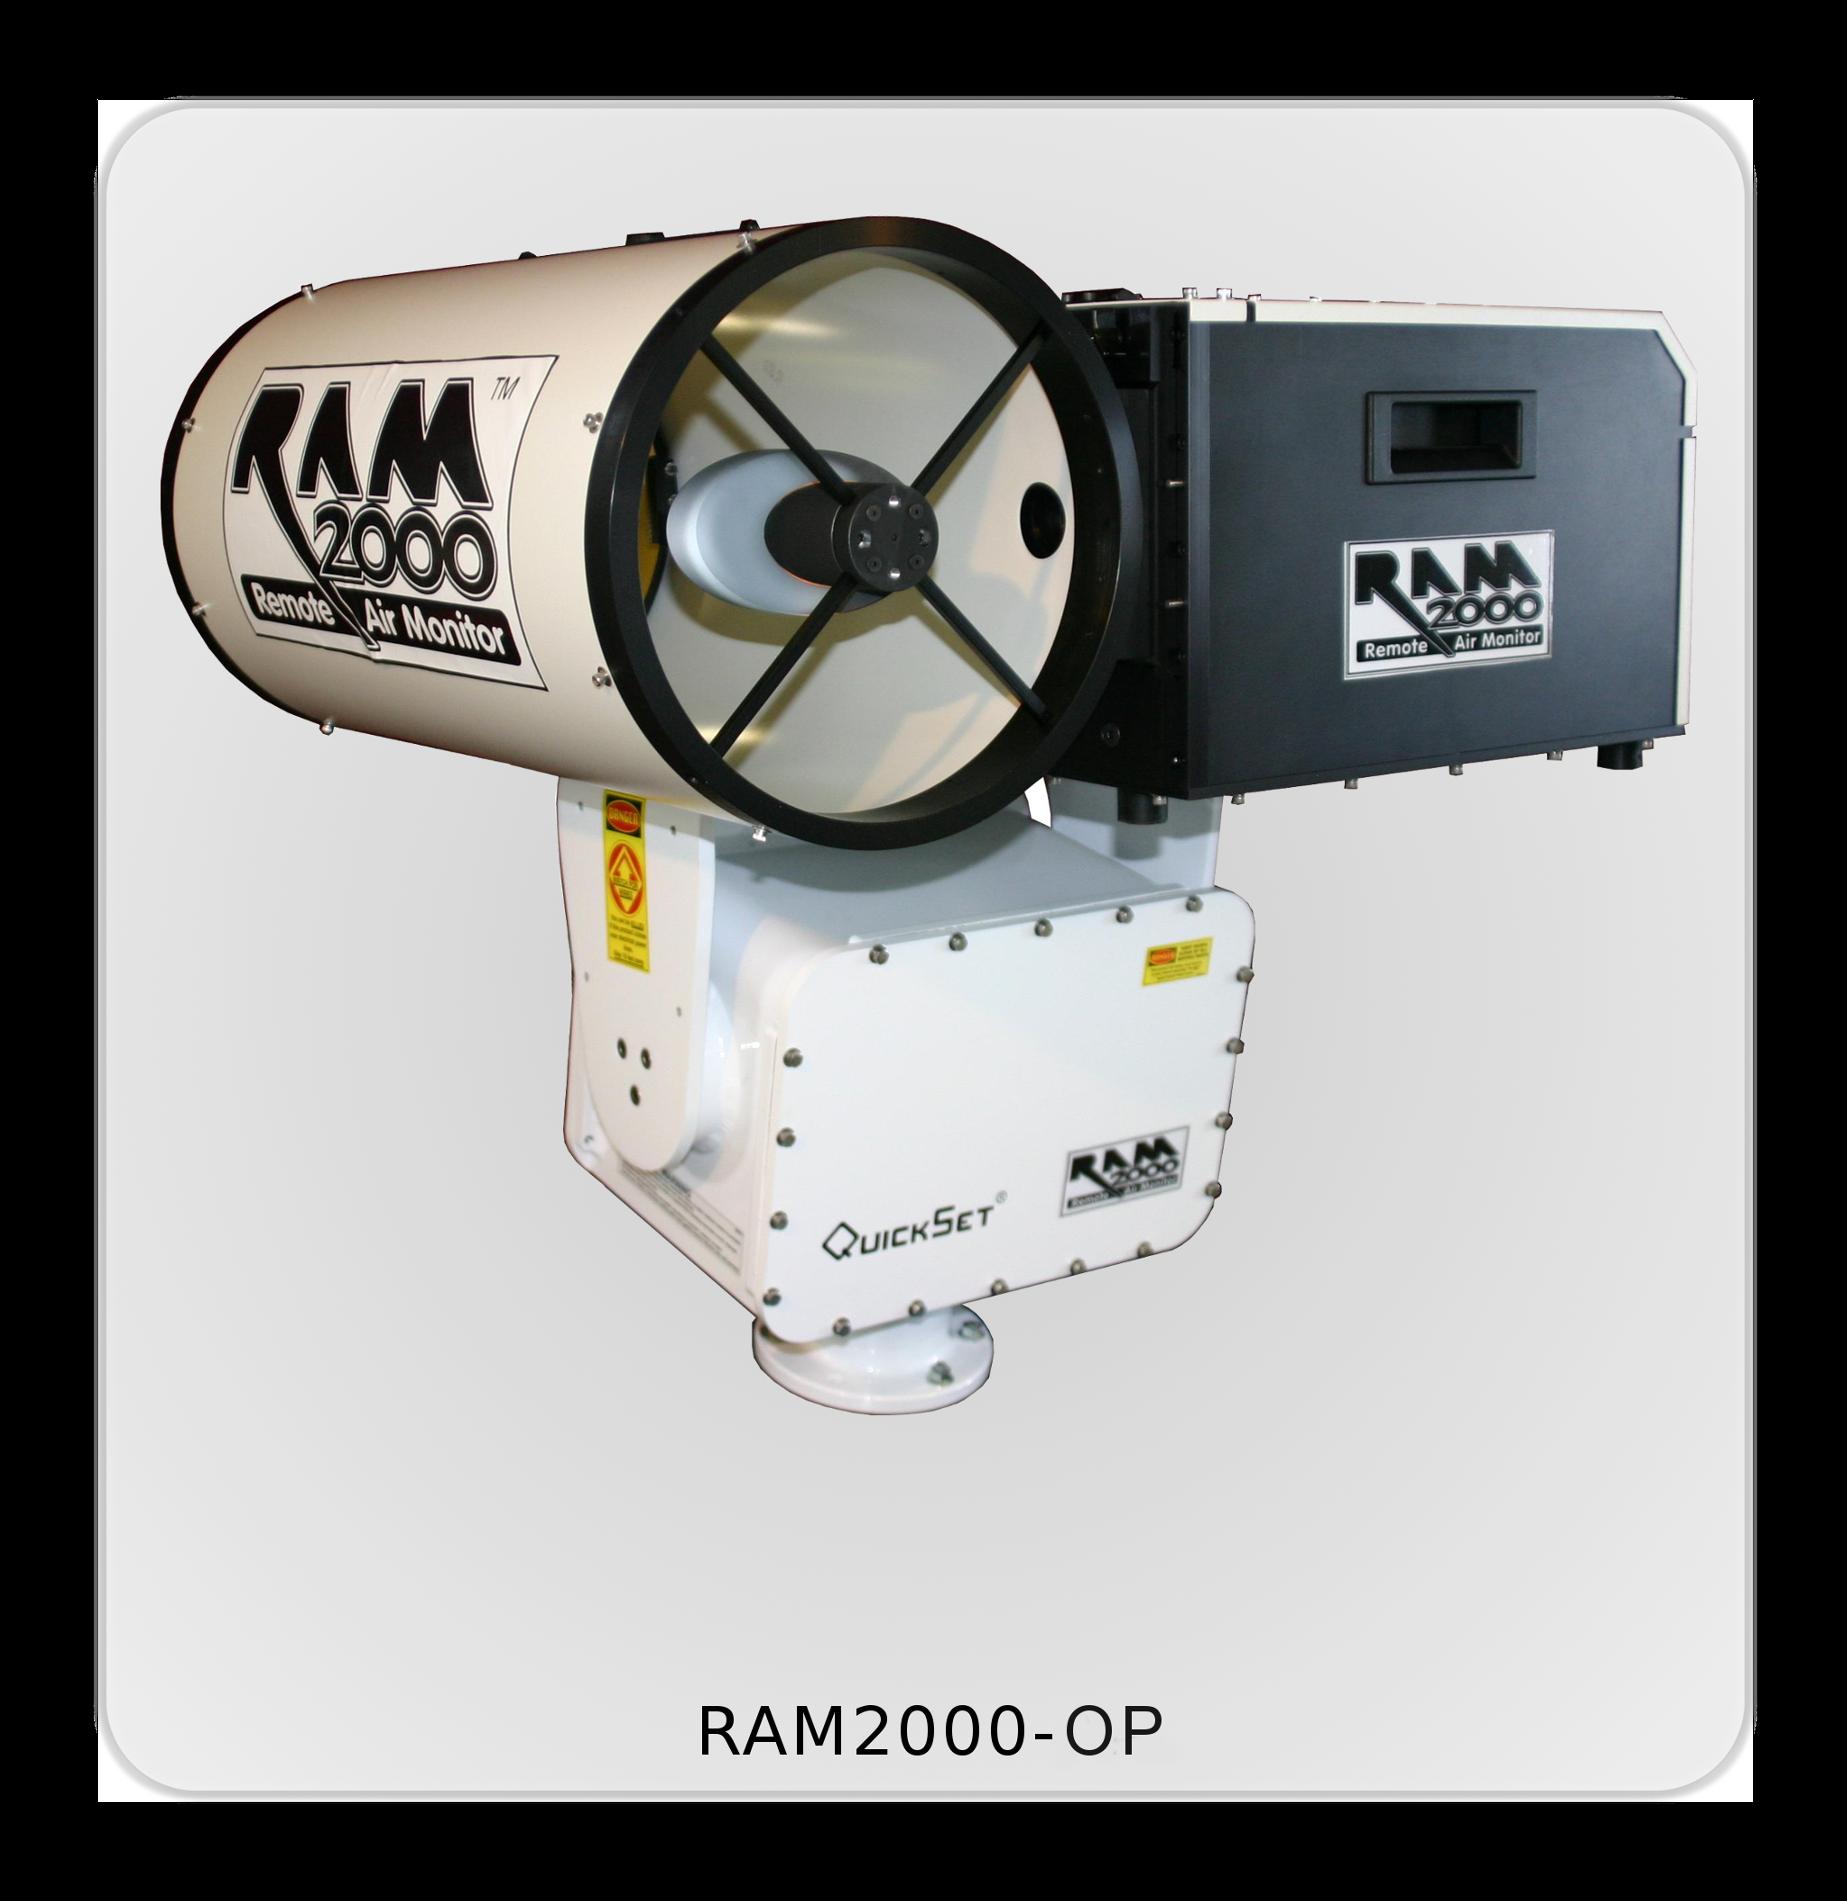 ram2000-op-ftir spectrometer